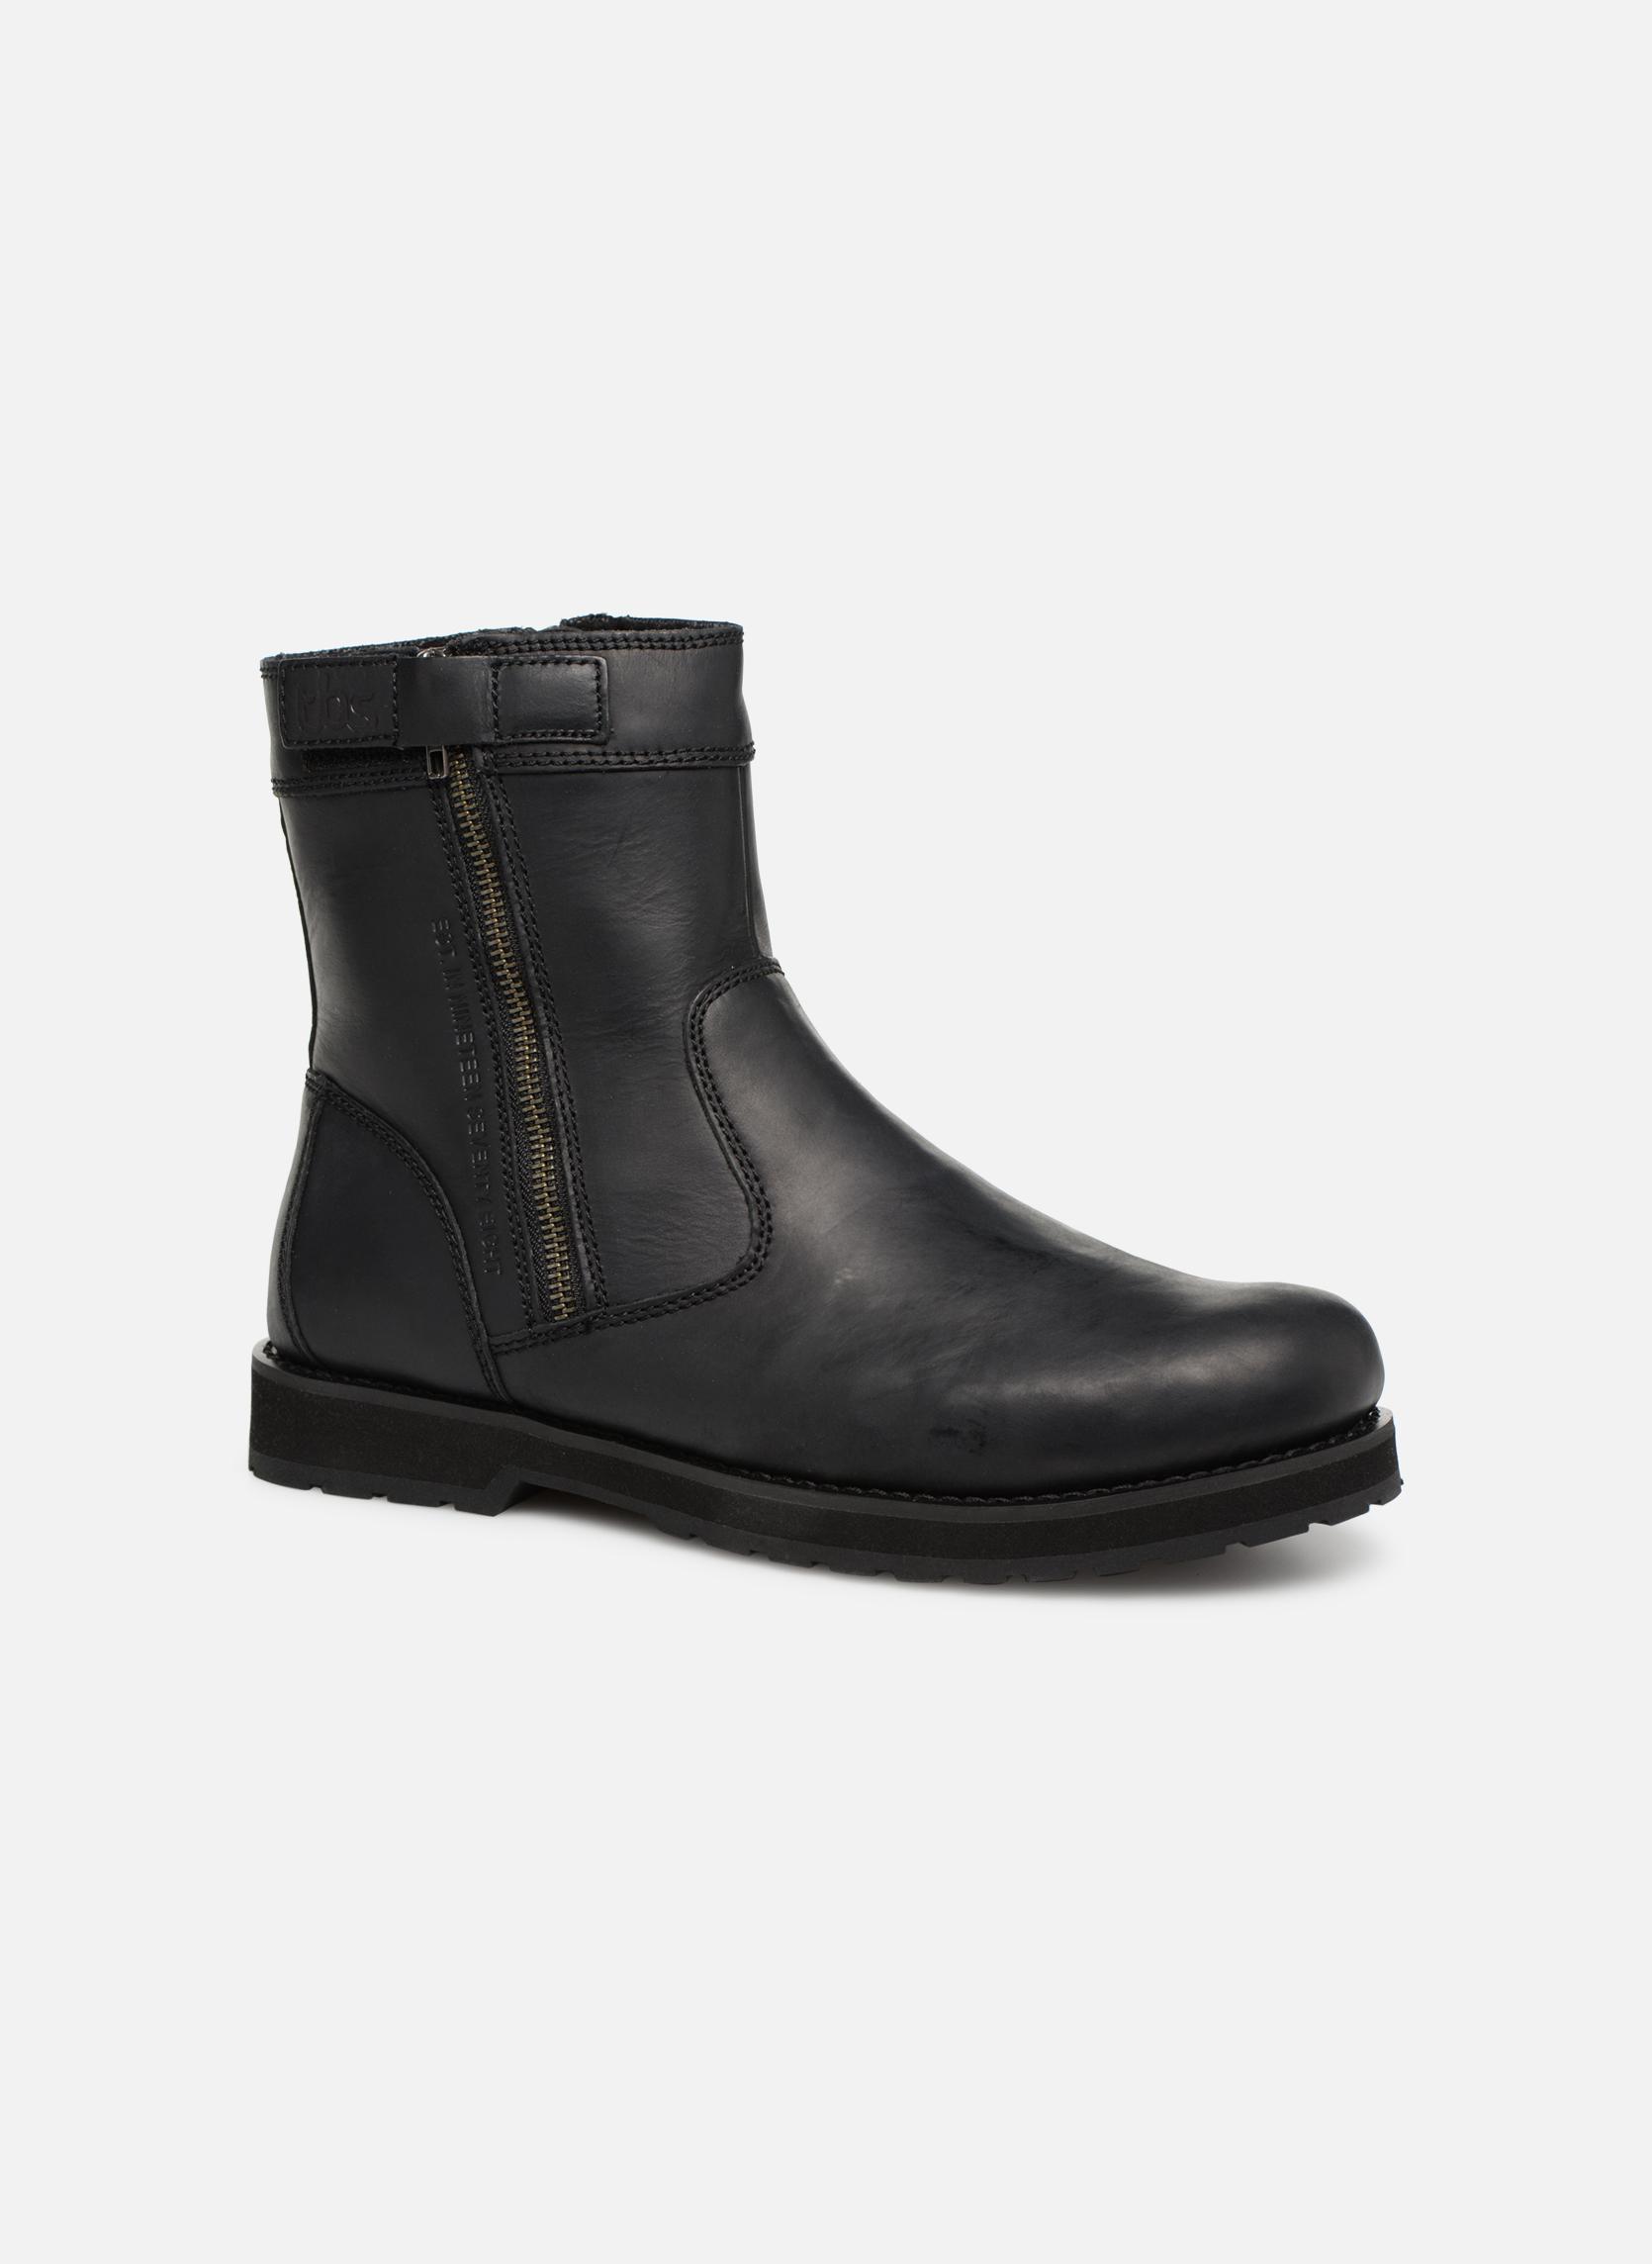 Støvler & gummistøvler Mænd Quamer